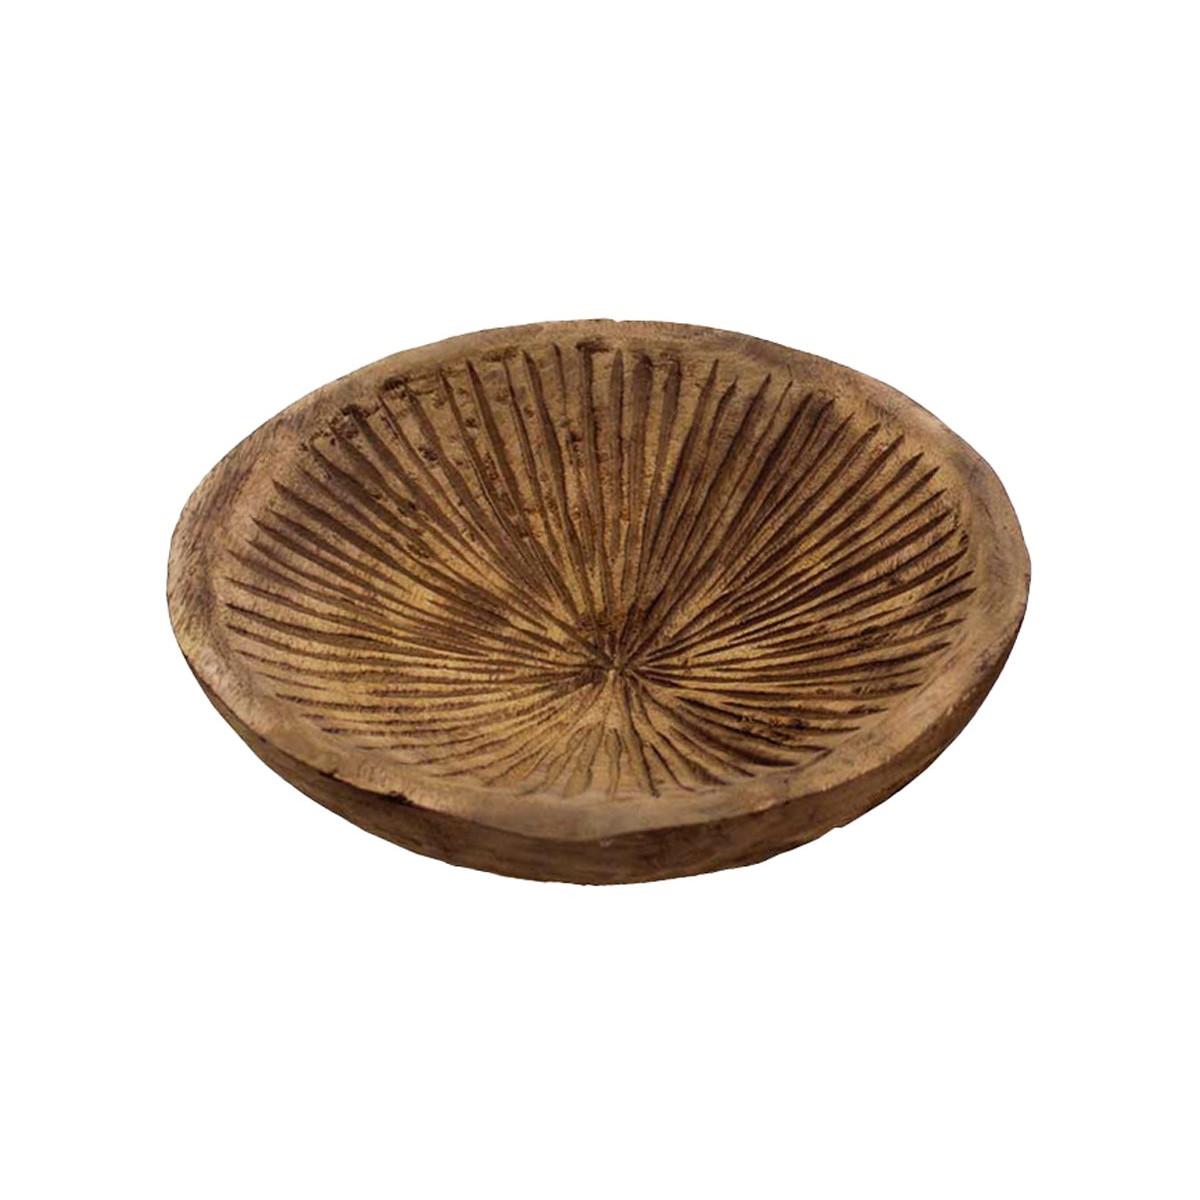 Coupe en bois strié Naturel 24x24x7 cm